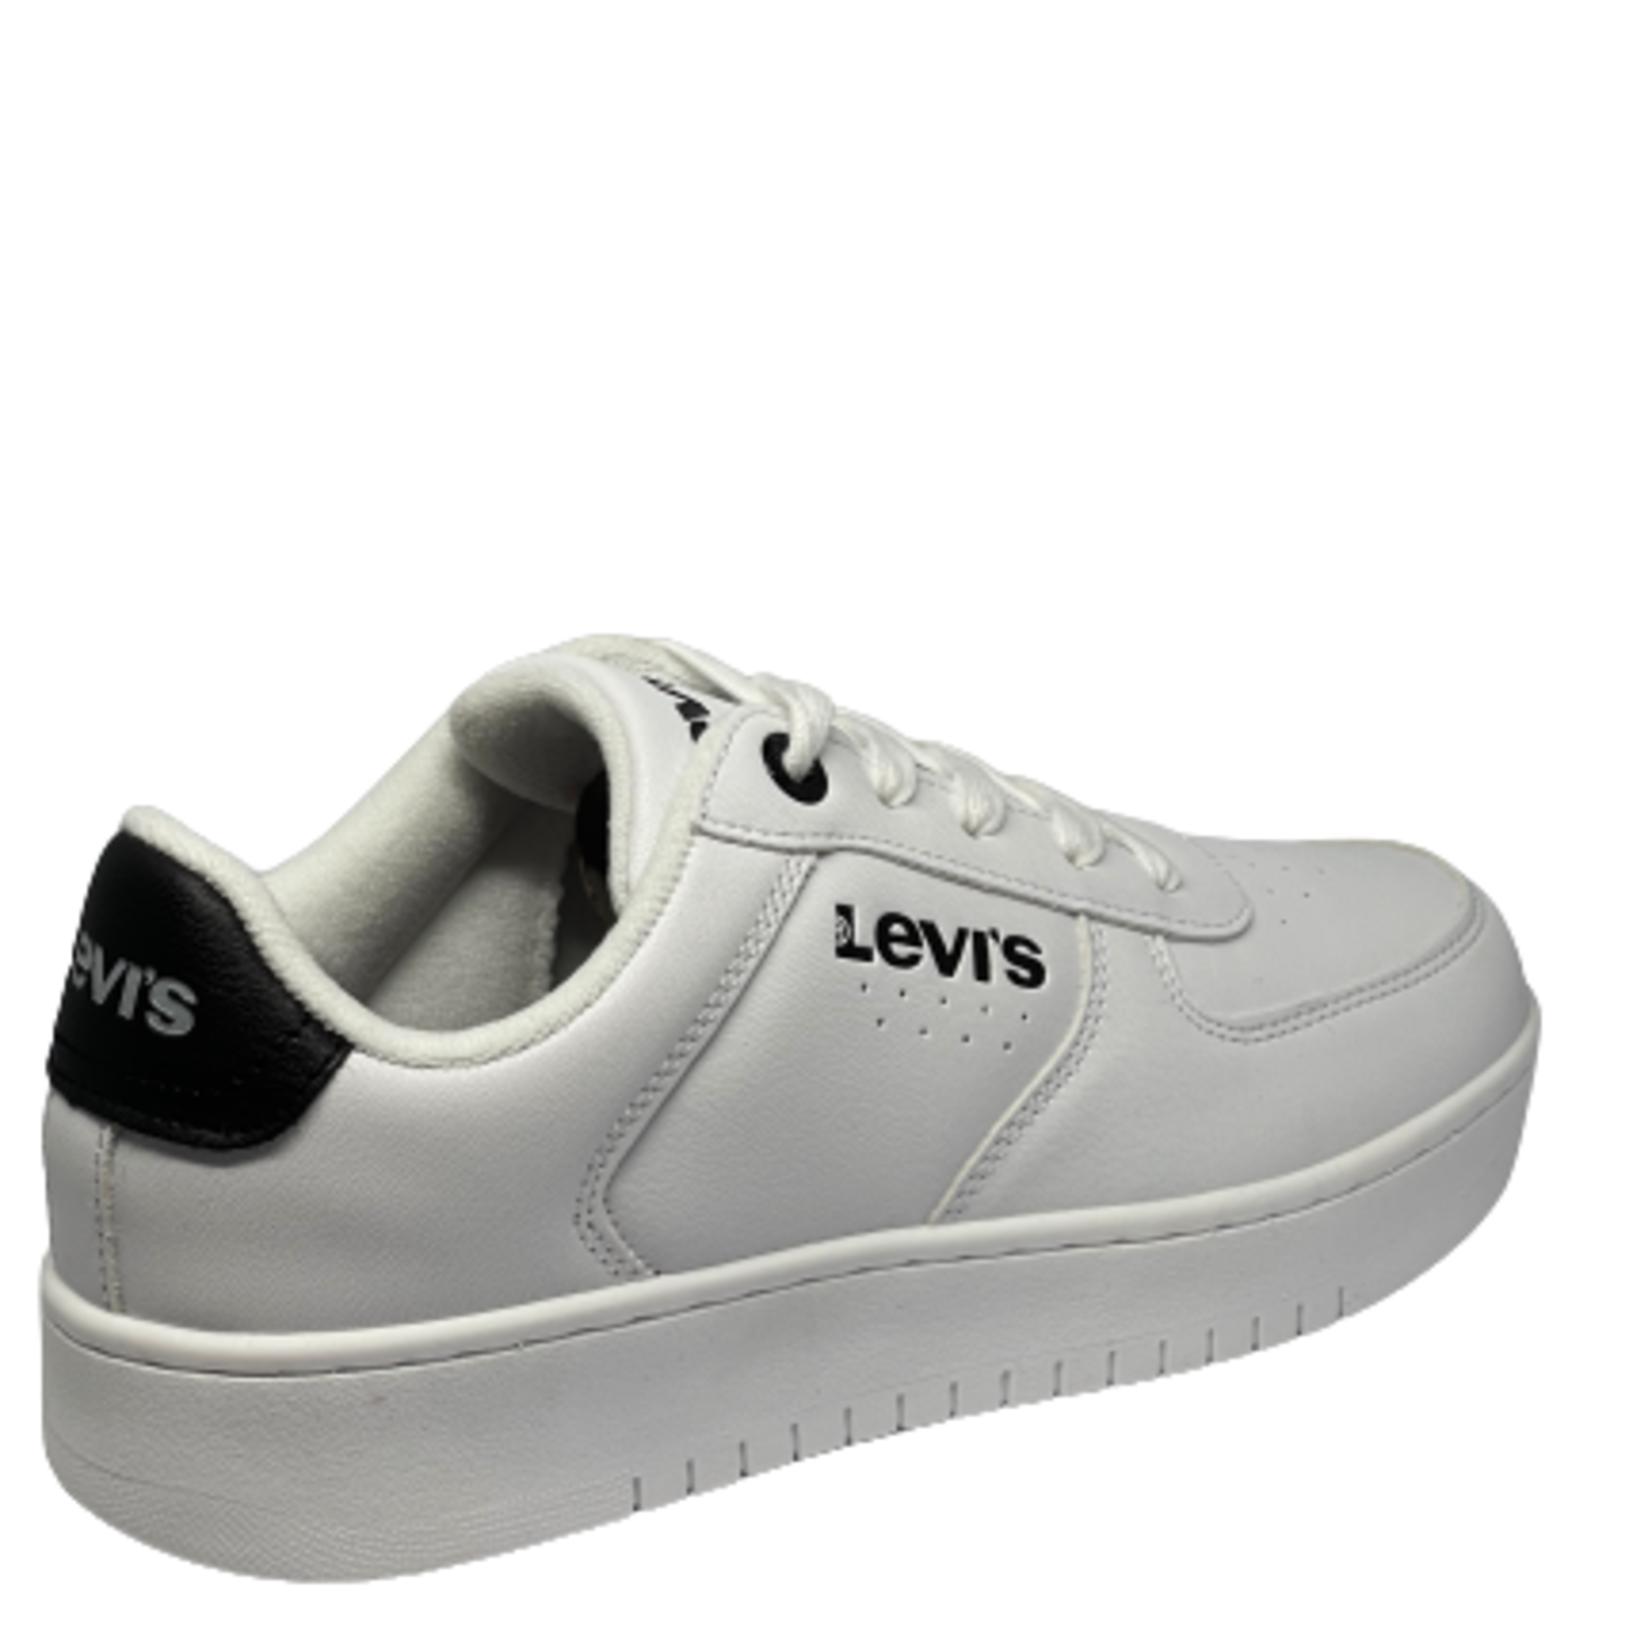 Levis Levis New Union Wit/zwart